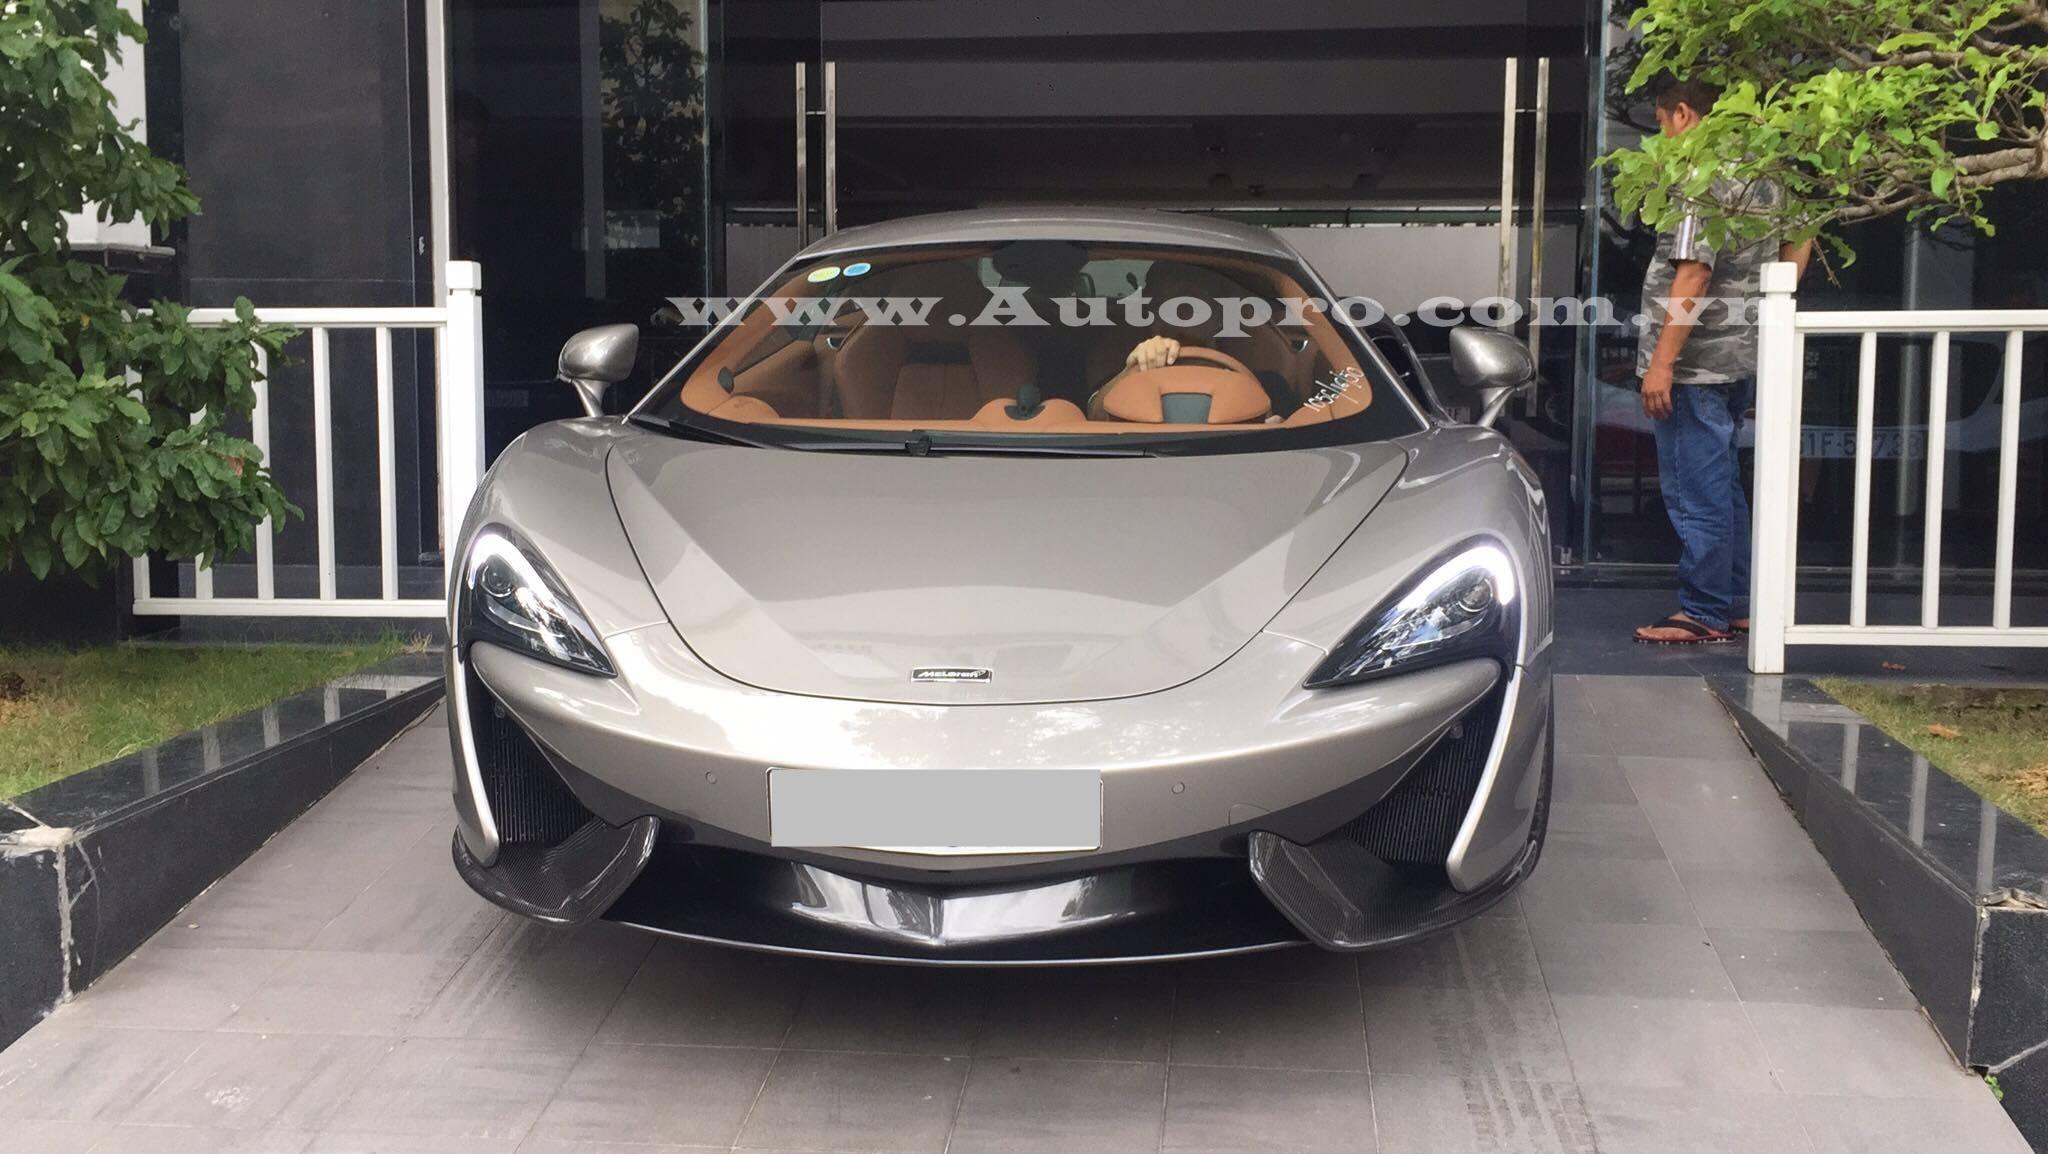 Vào trưa qua, giới mê xe lại một lần nữa dậy sóng hình ảnh chiếc siêu xe McLaren 570S xuất hiện trong garage của doanh nhân Quốc Cường.